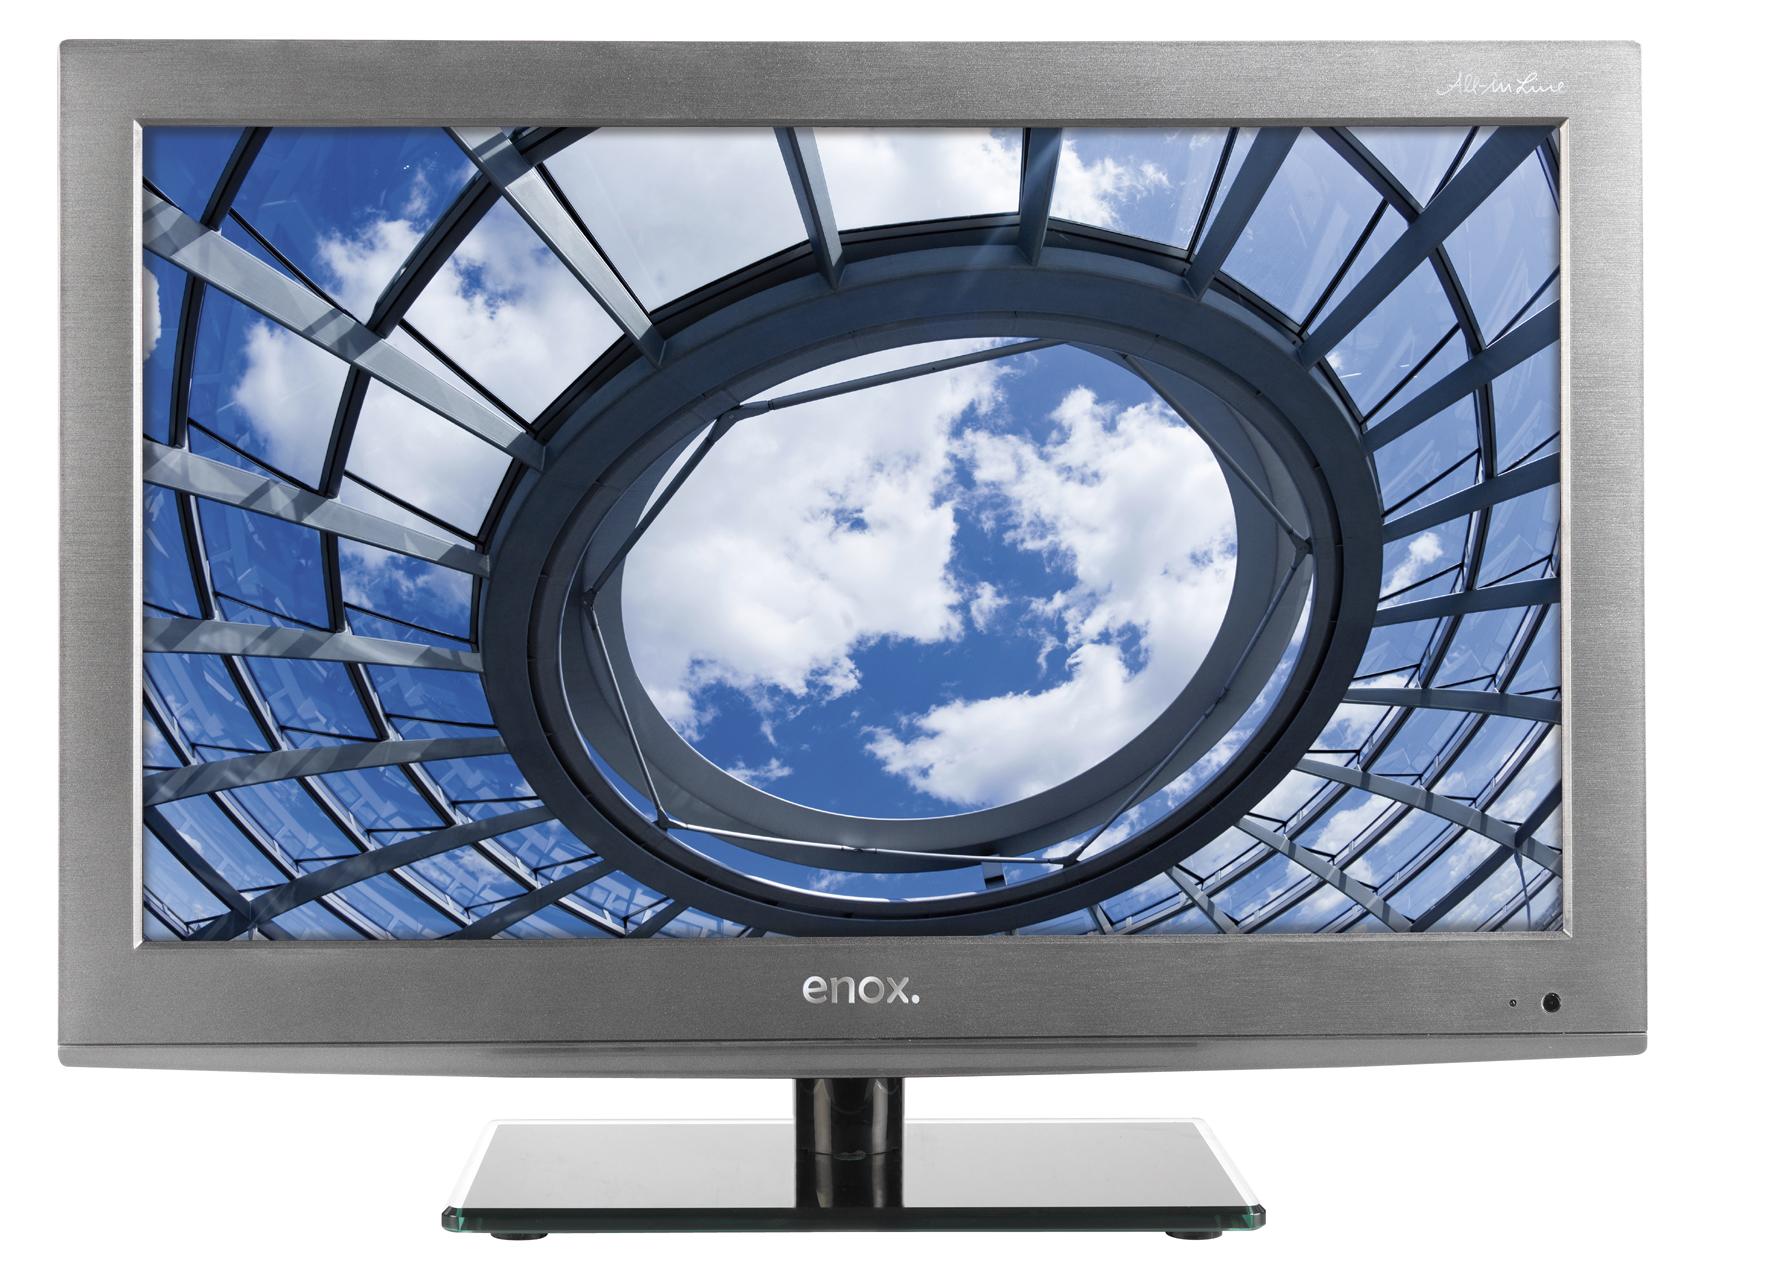 Enox AIL-3932S2DVD 81cm LED TV für Wohnwagen Home